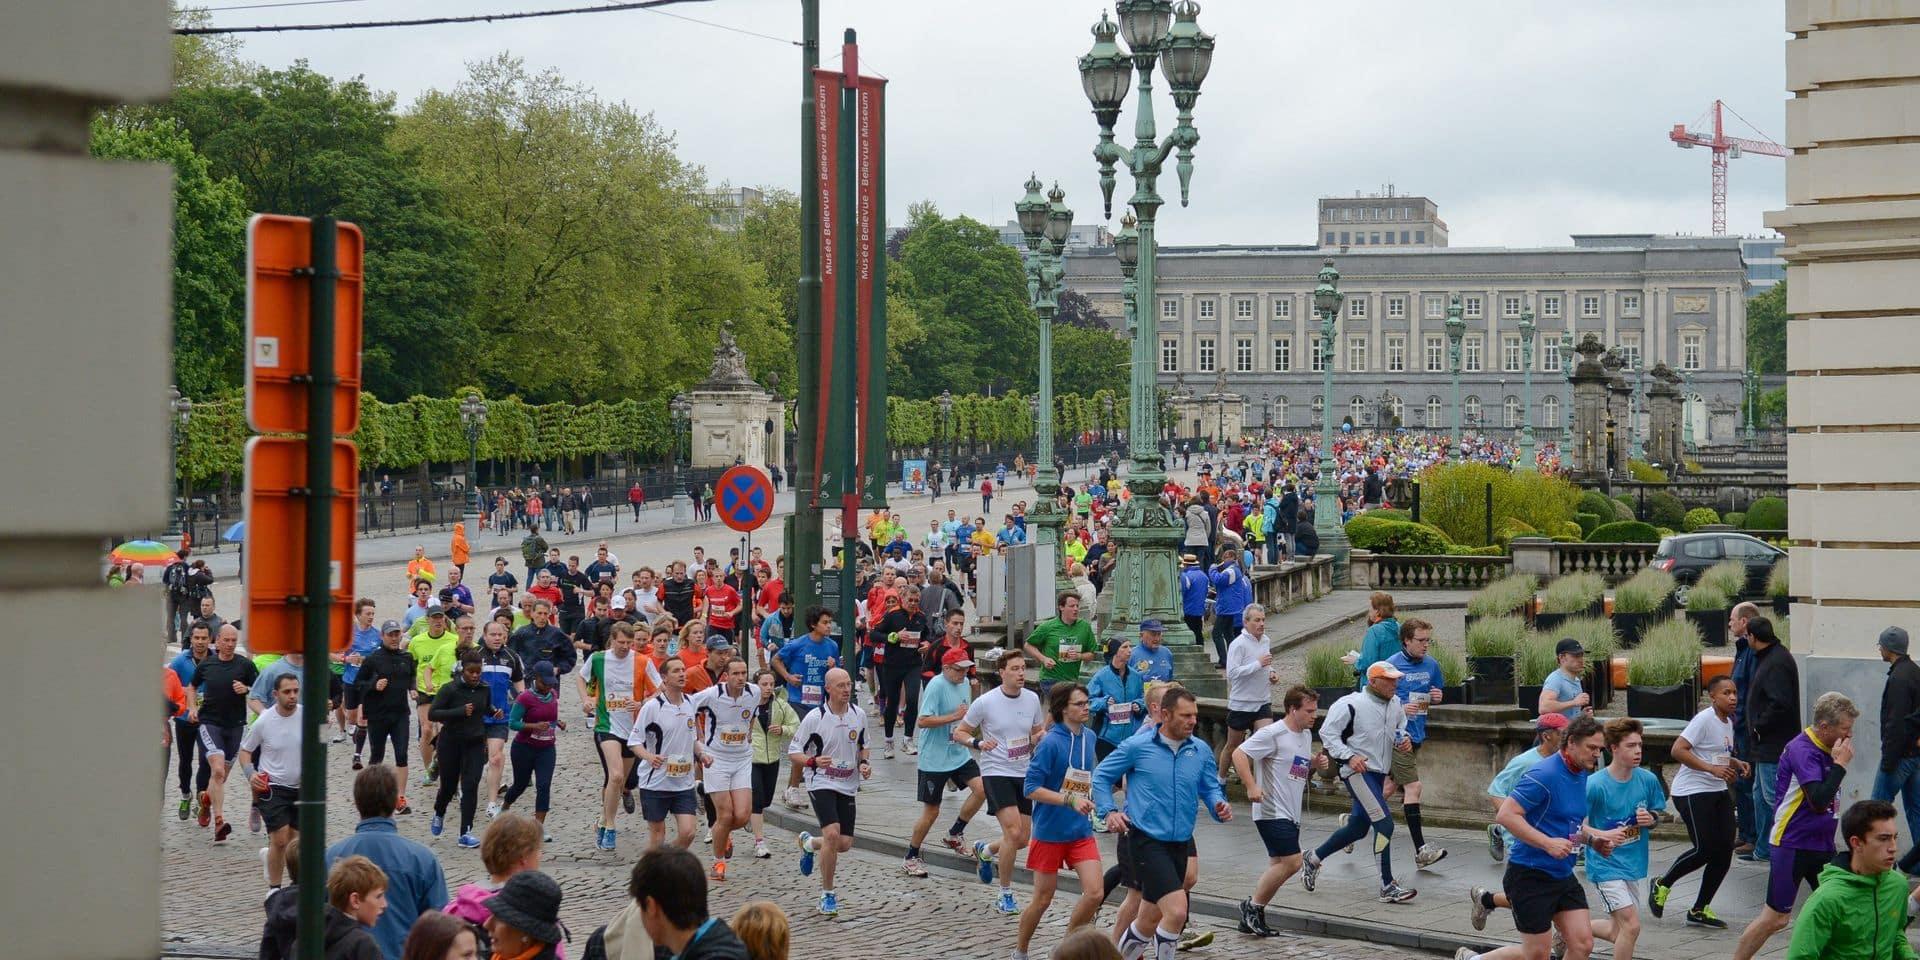 Les 20 kilomètres de Bruxelles reportés au mois de septembre à cause du coronavirus